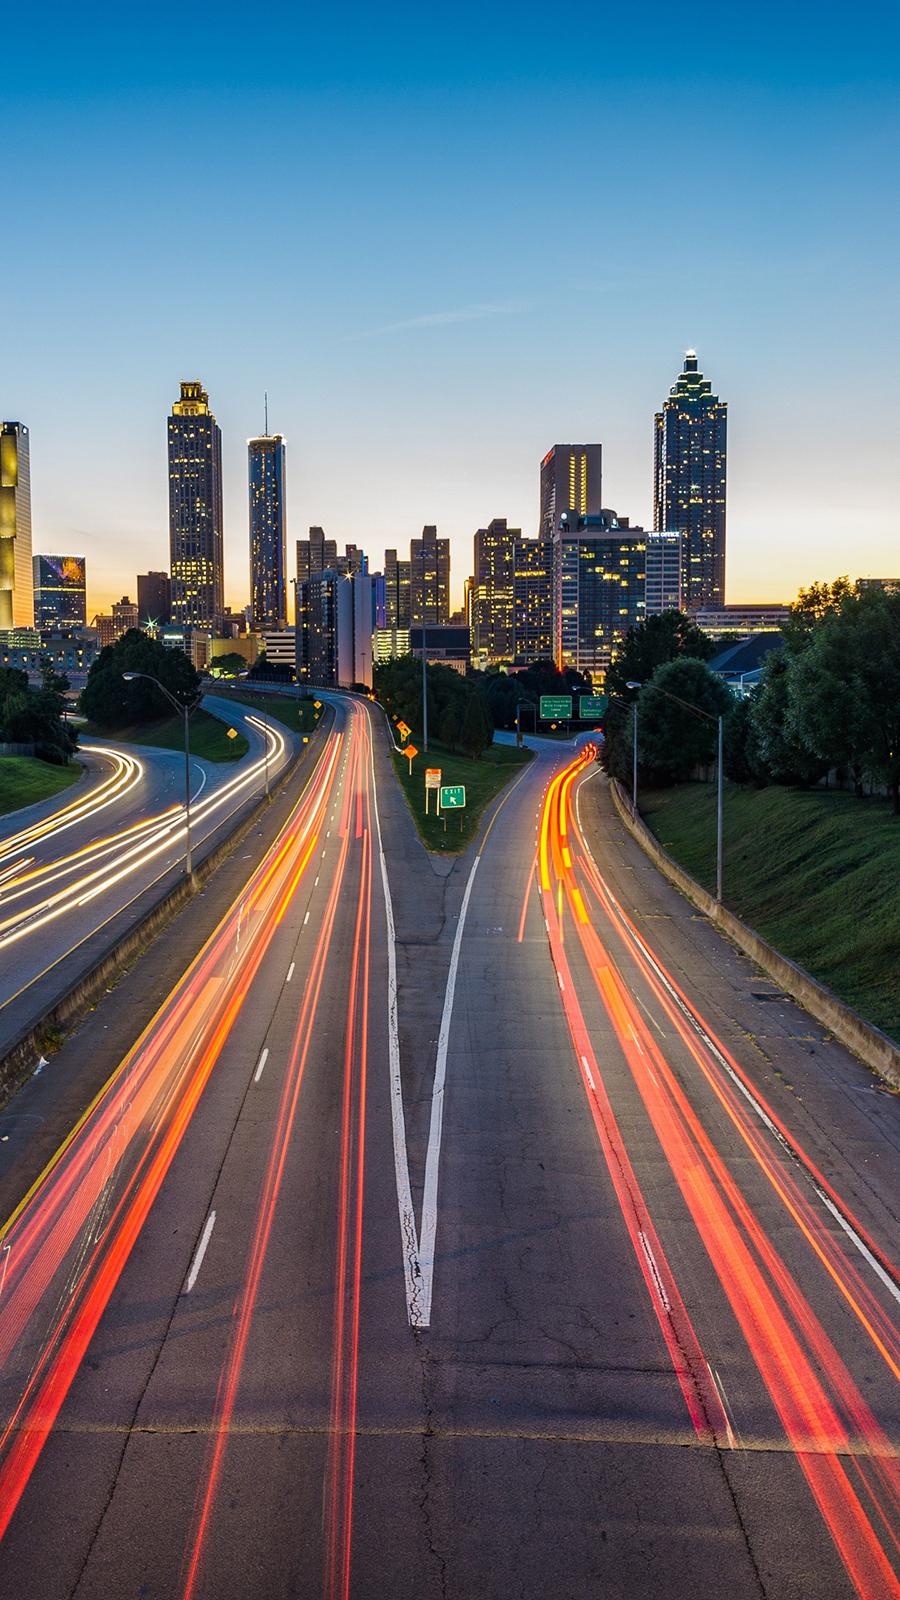 Atlanta Usa Road & Skyscrapers Free Wallpapers Download